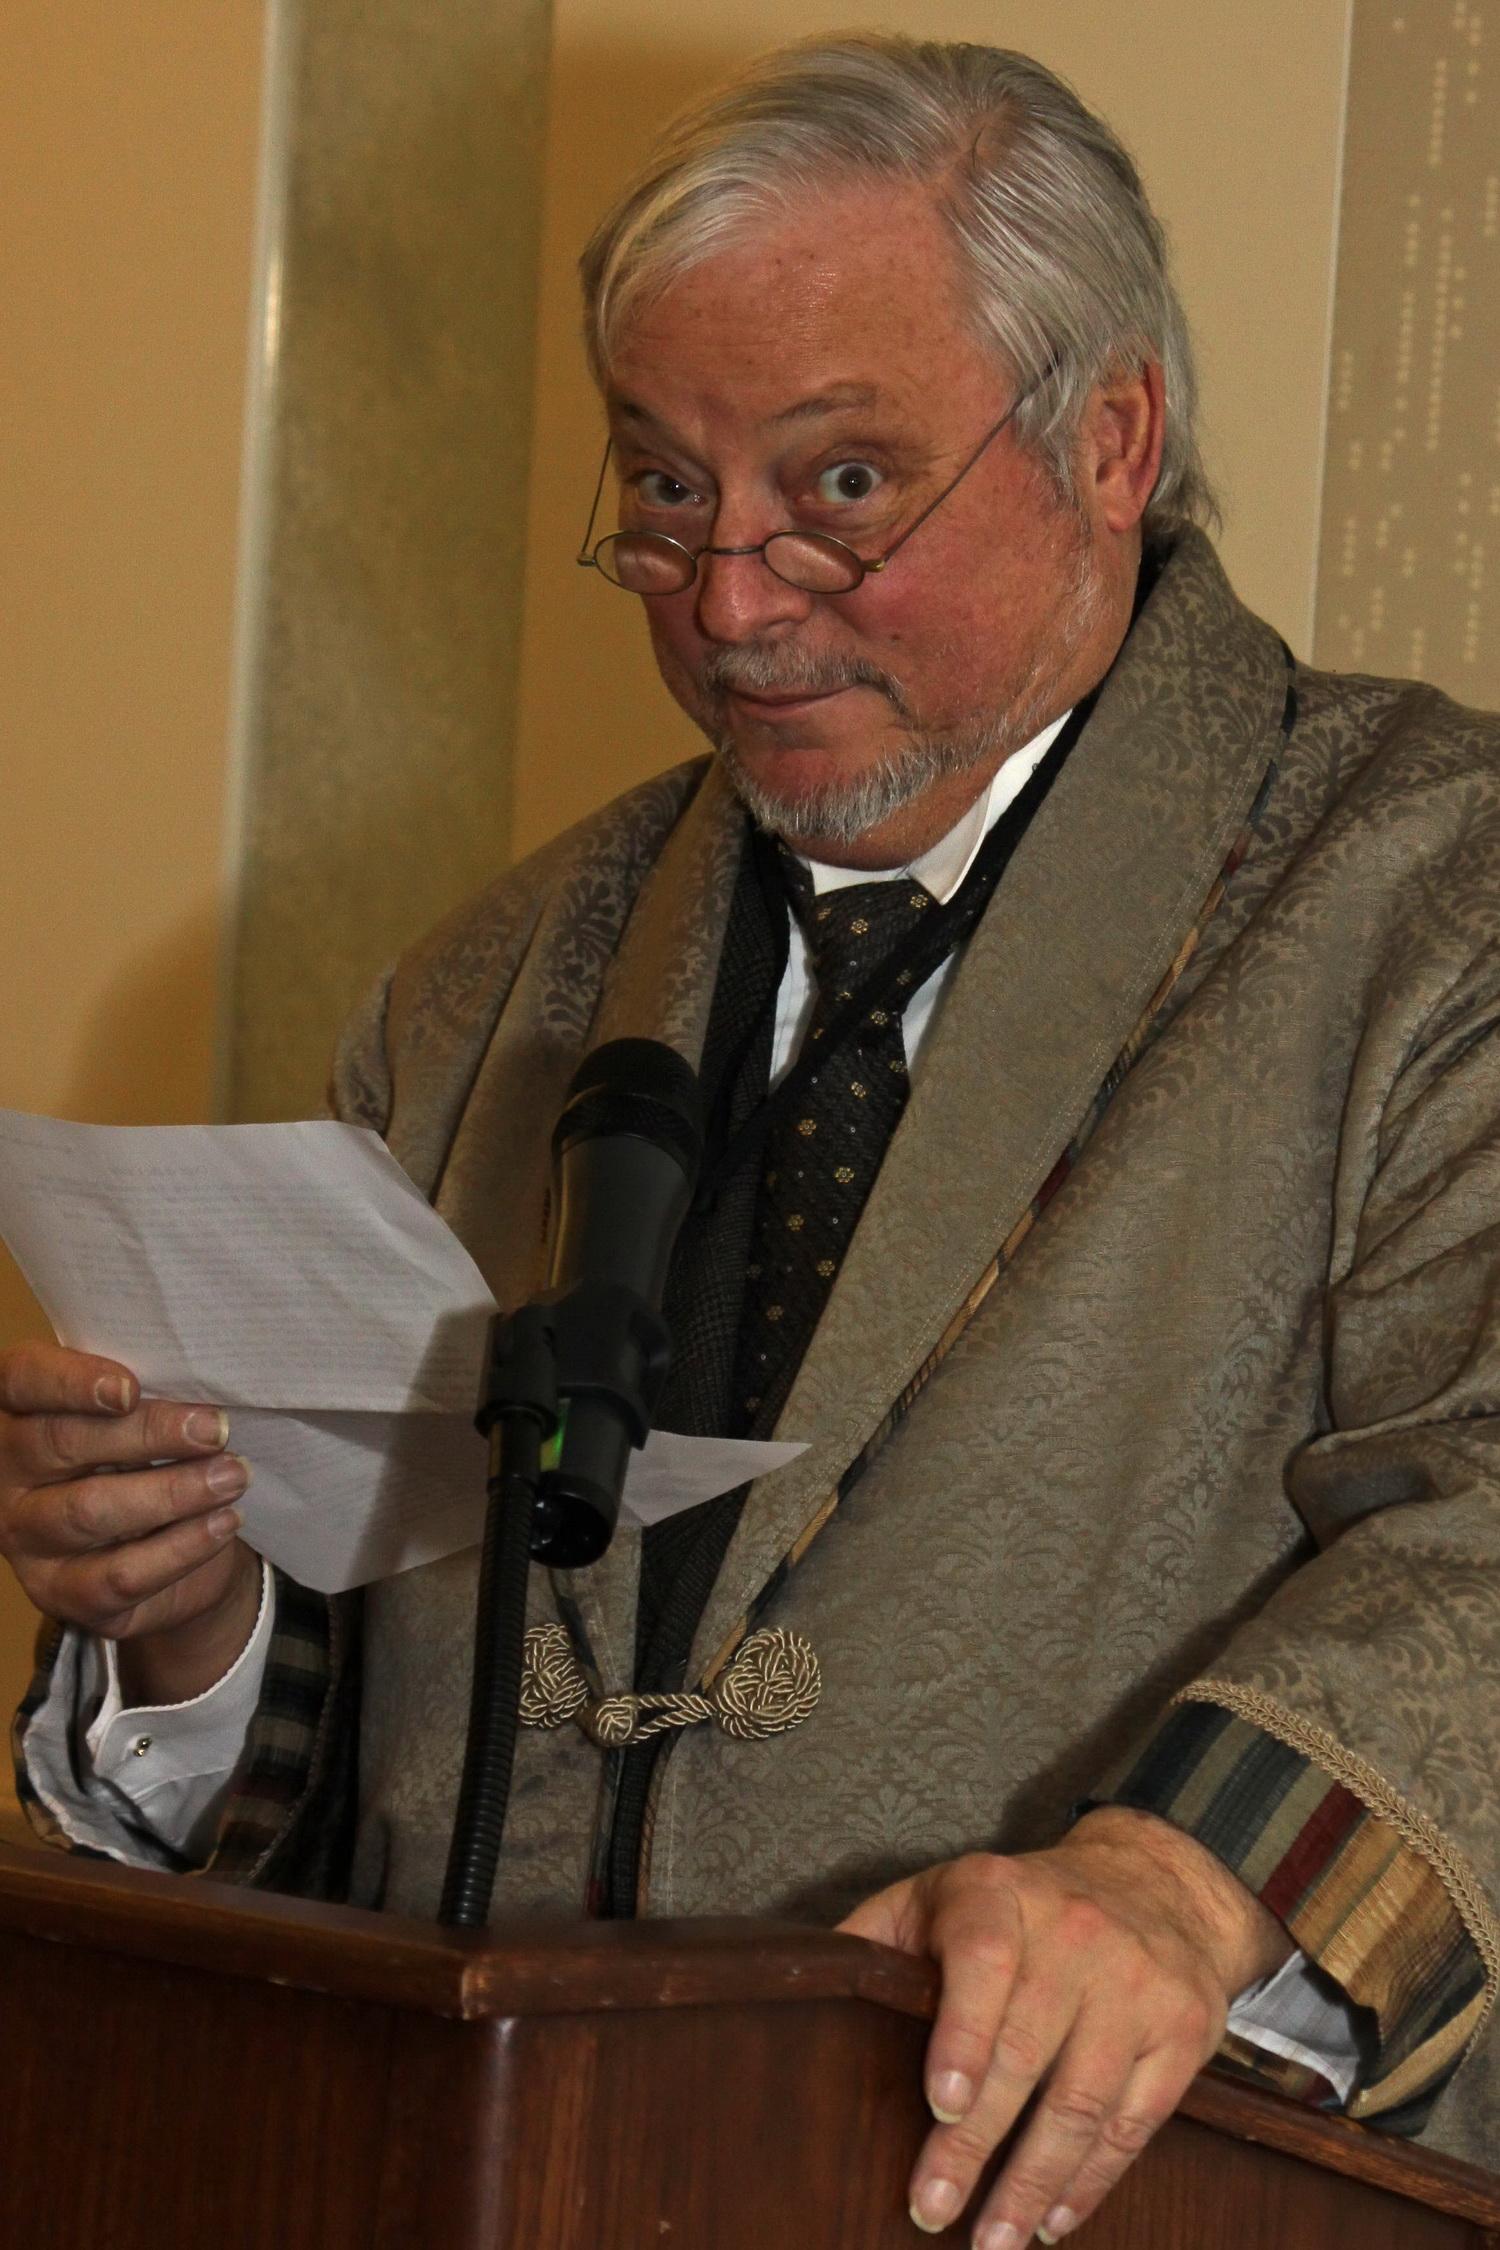 Peter Calamai